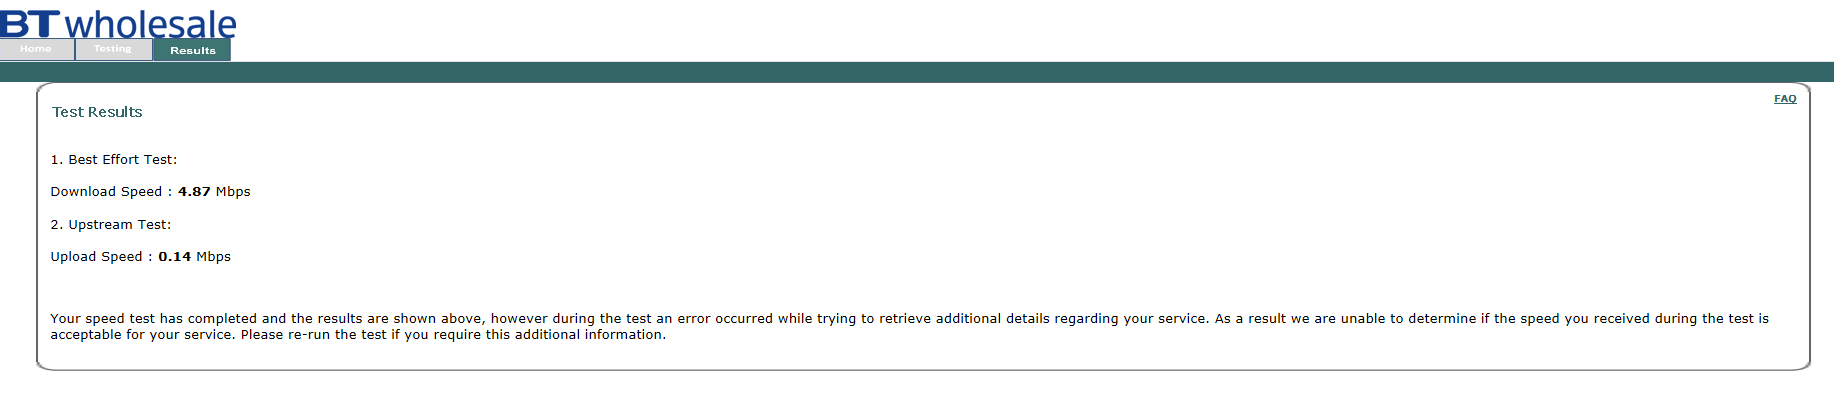 BT further diagnostics 110713.png